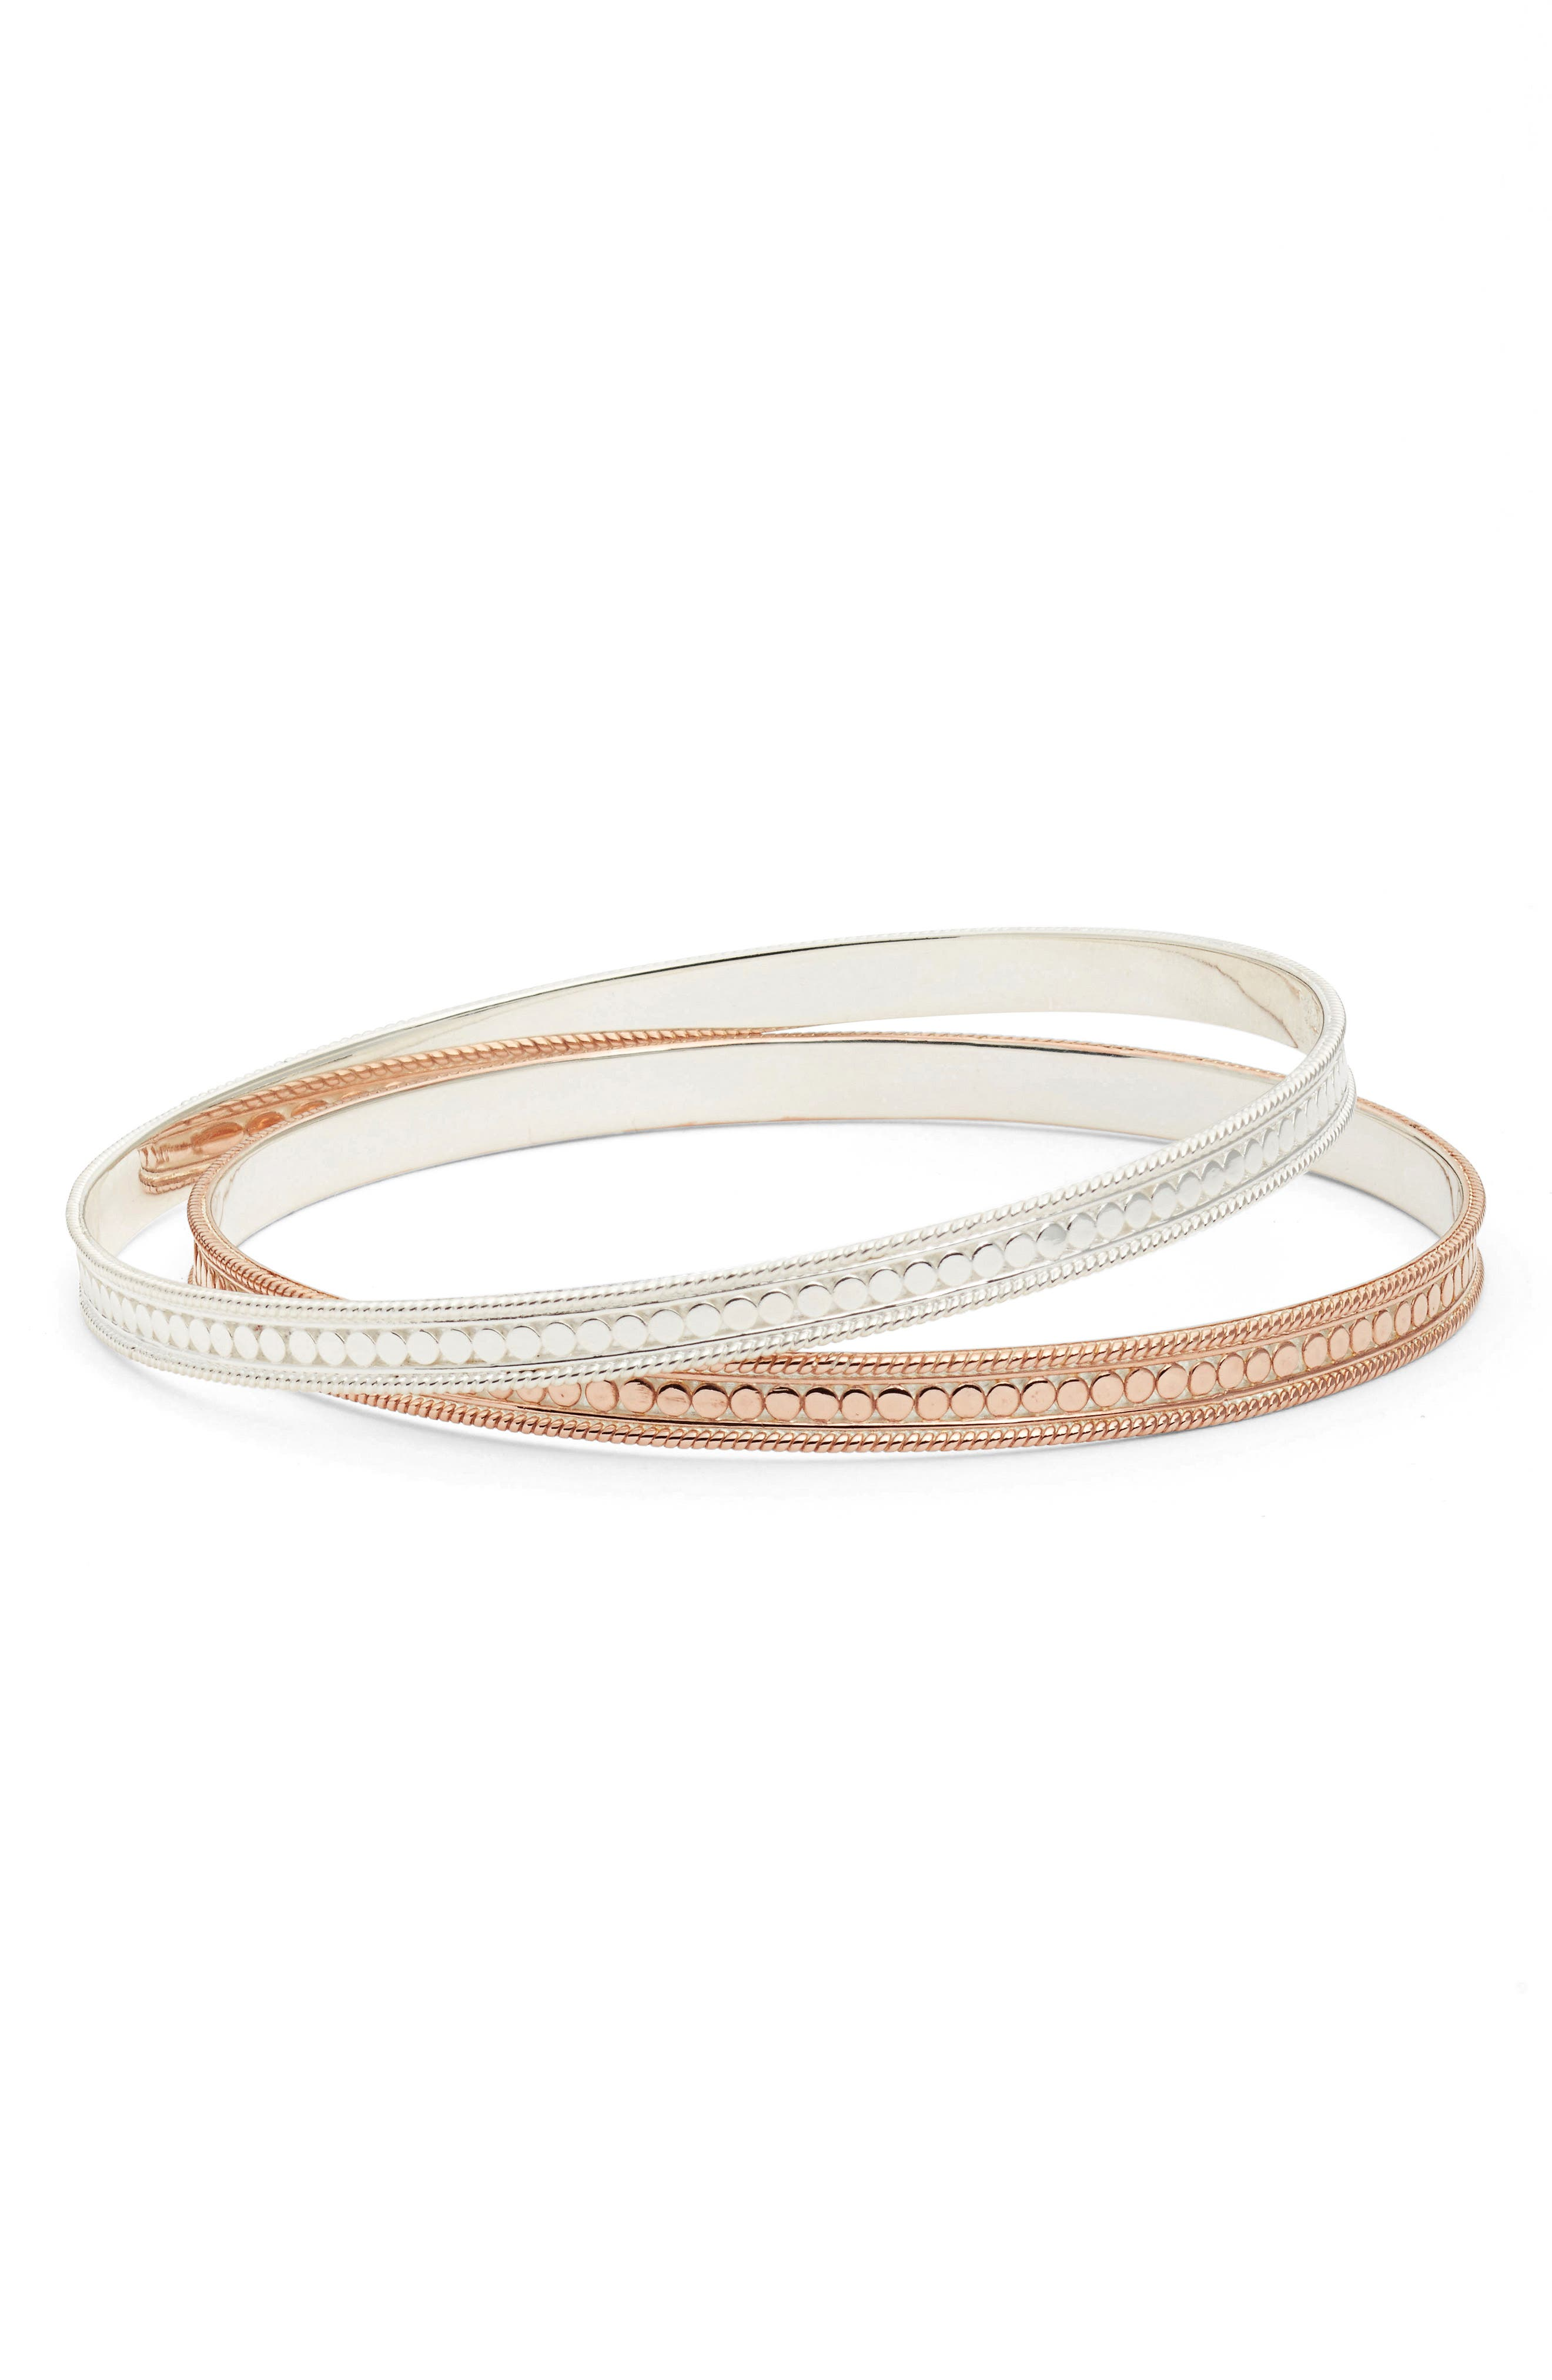 Set of 2 Bangle Bracelets,                             Main thumbnail 1, color,